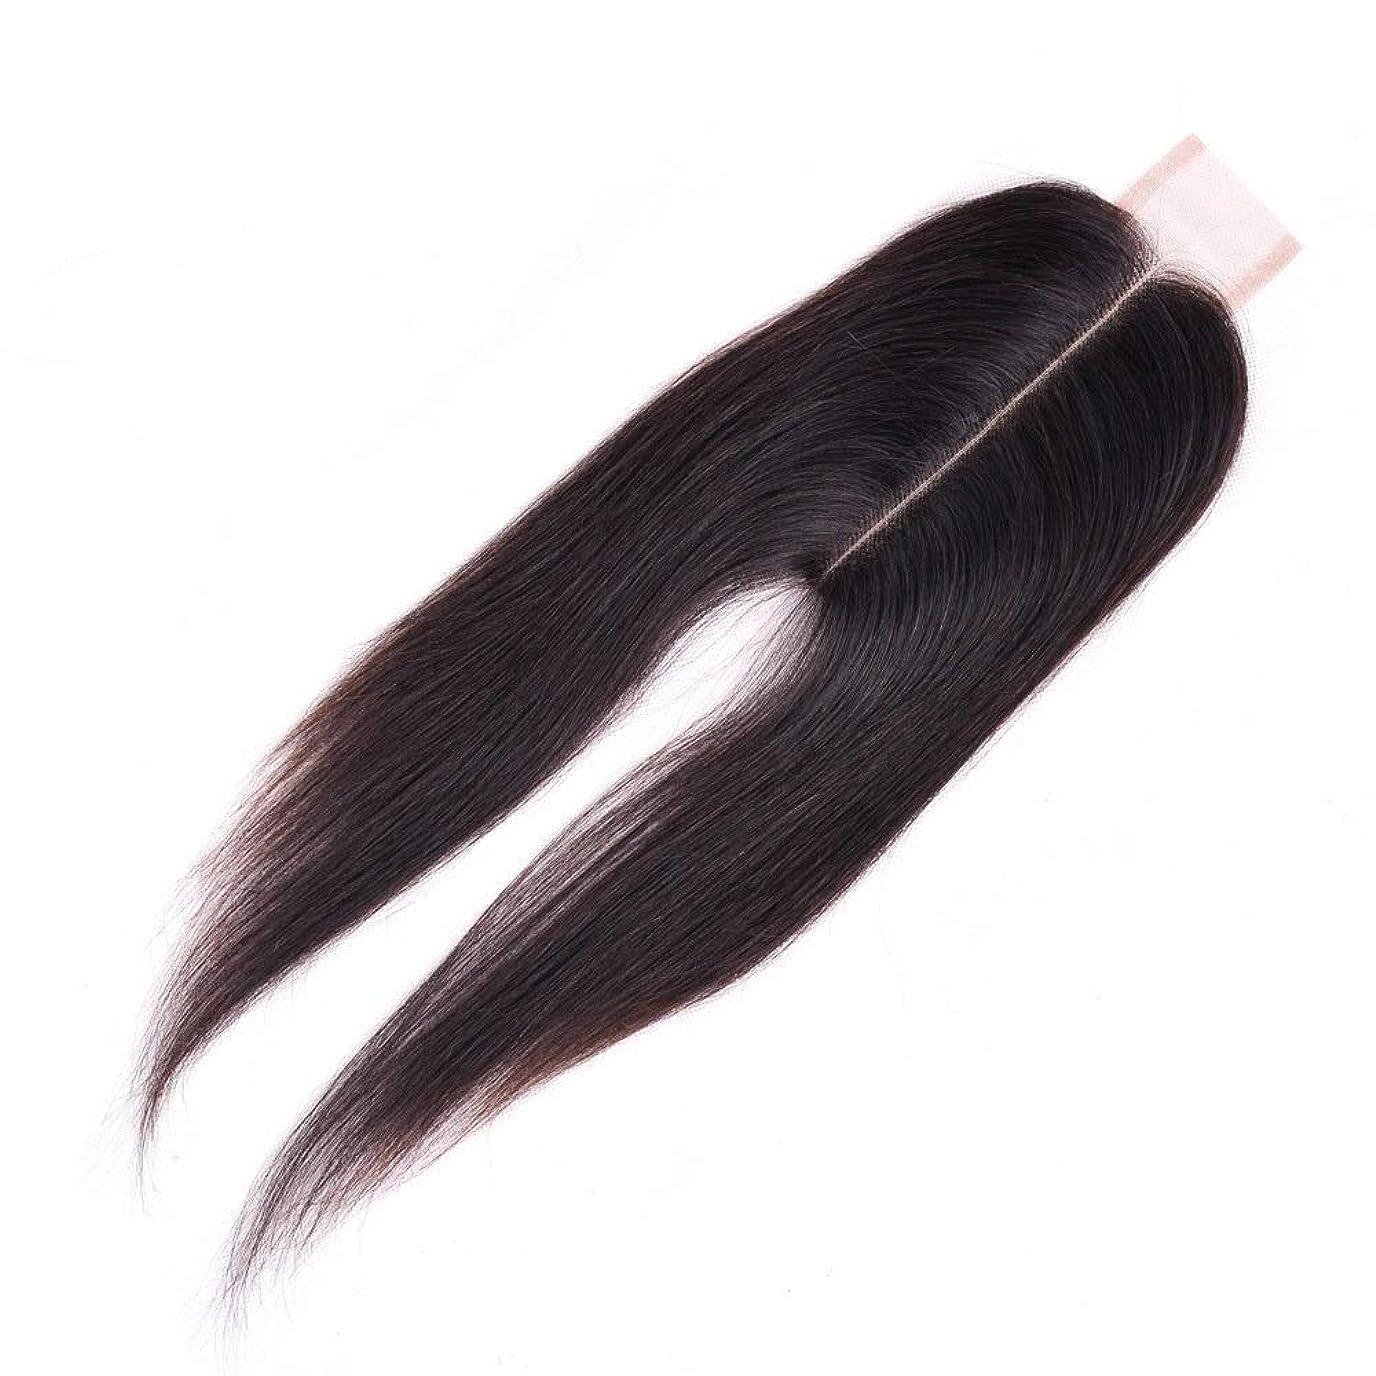 感覚類似性動機WASAIO ブラジル人のバージンの人間の毛髪の中間の部分のまっすぐなレースの閉鎖 (色 : 黒, サイズ : 14 inch)